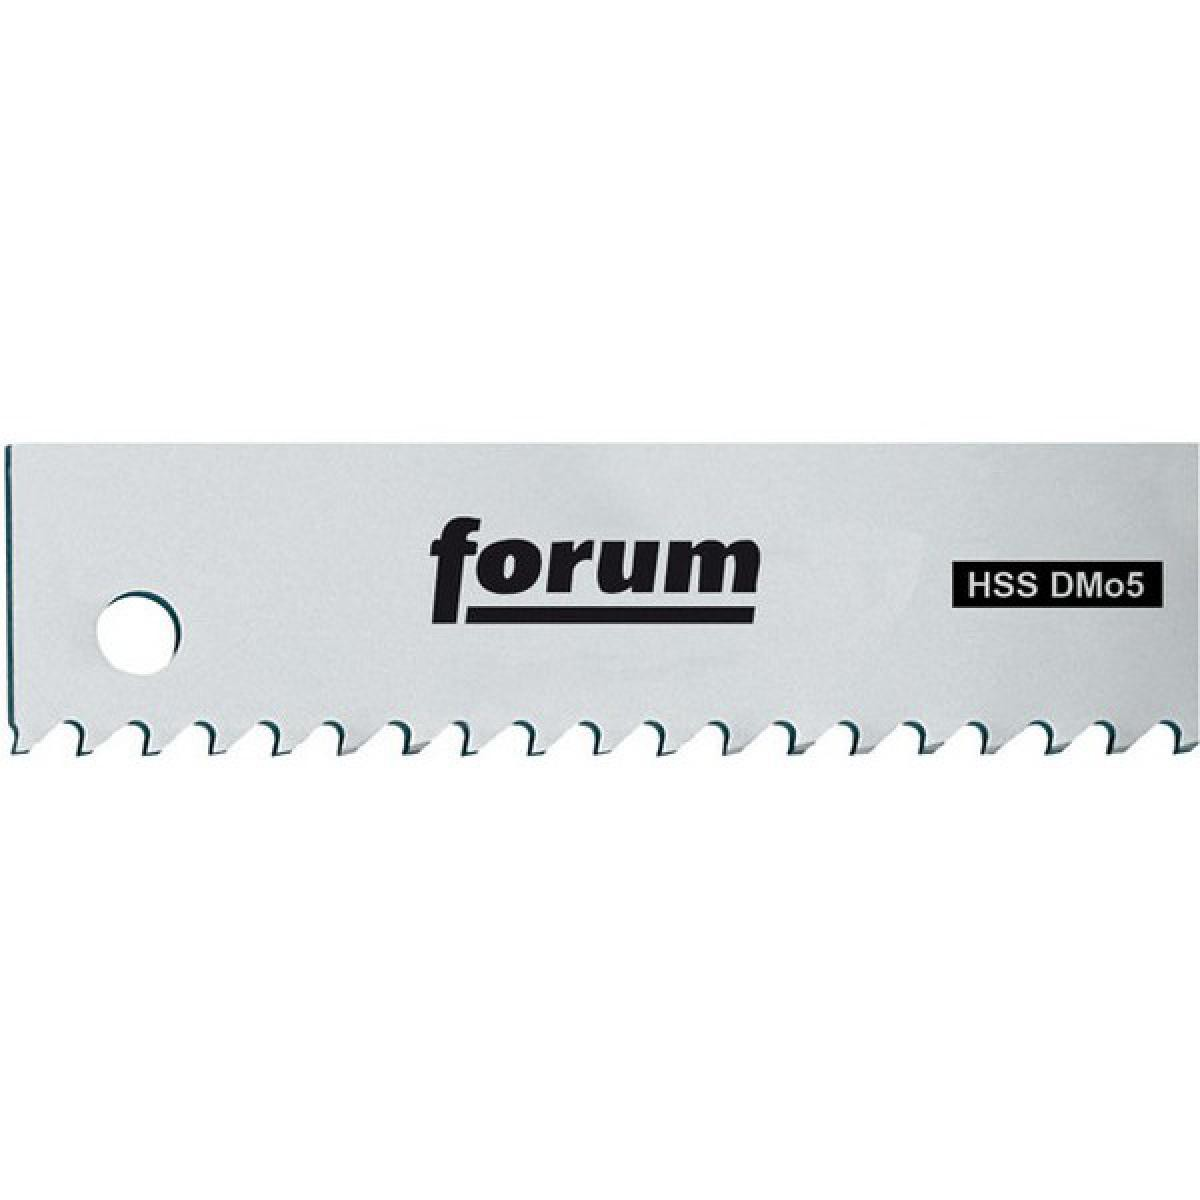 Forum Lame de scie alternative, Long. : 575 mm, Larg. : 50 mm, Épais. : 2,5 mm, Dents par pouce : 6